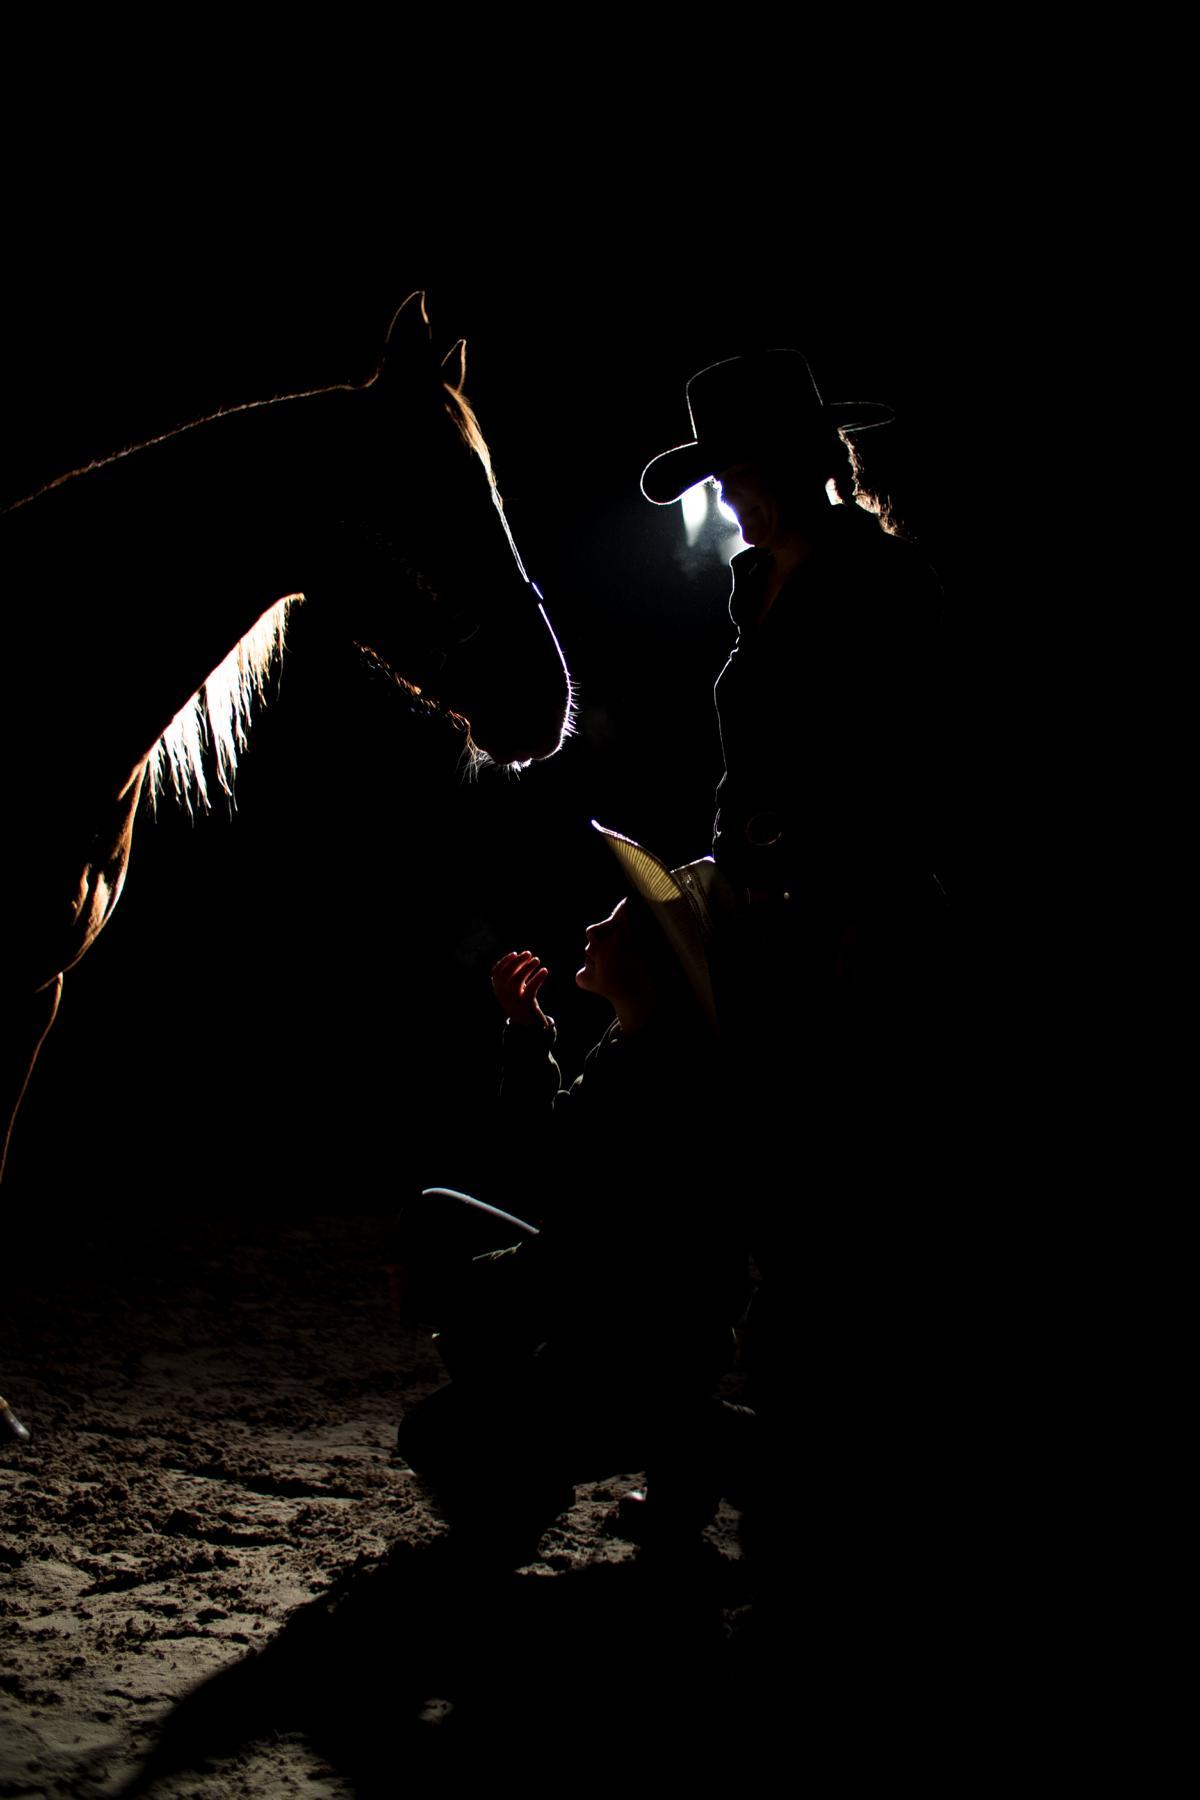 Fuchs Stute Dunkelshooting